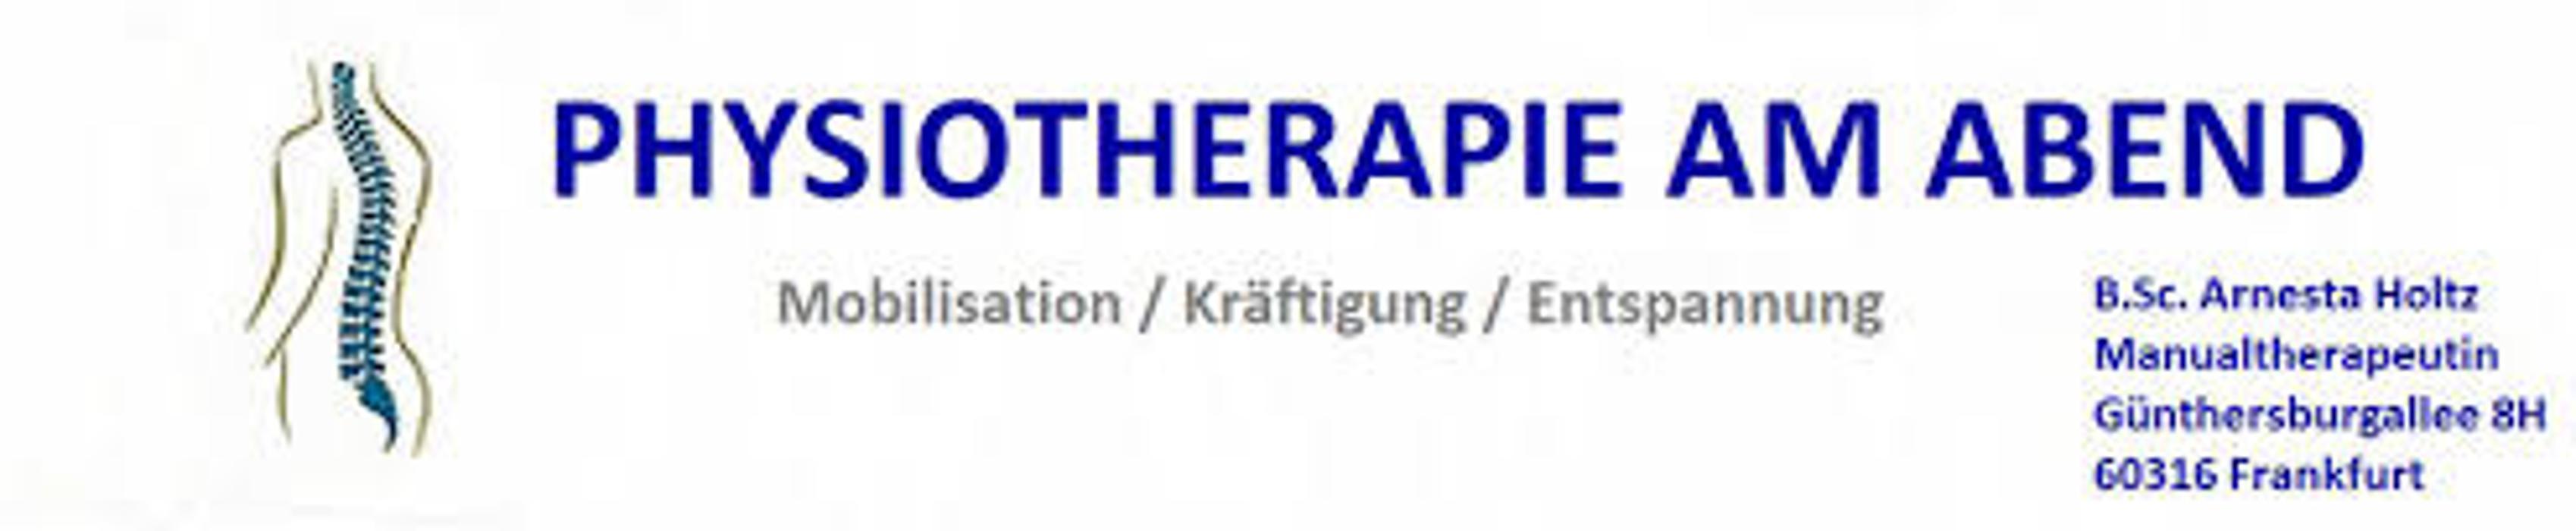 Bild zu Physiotherapie am Abend in Frankfurt am Main